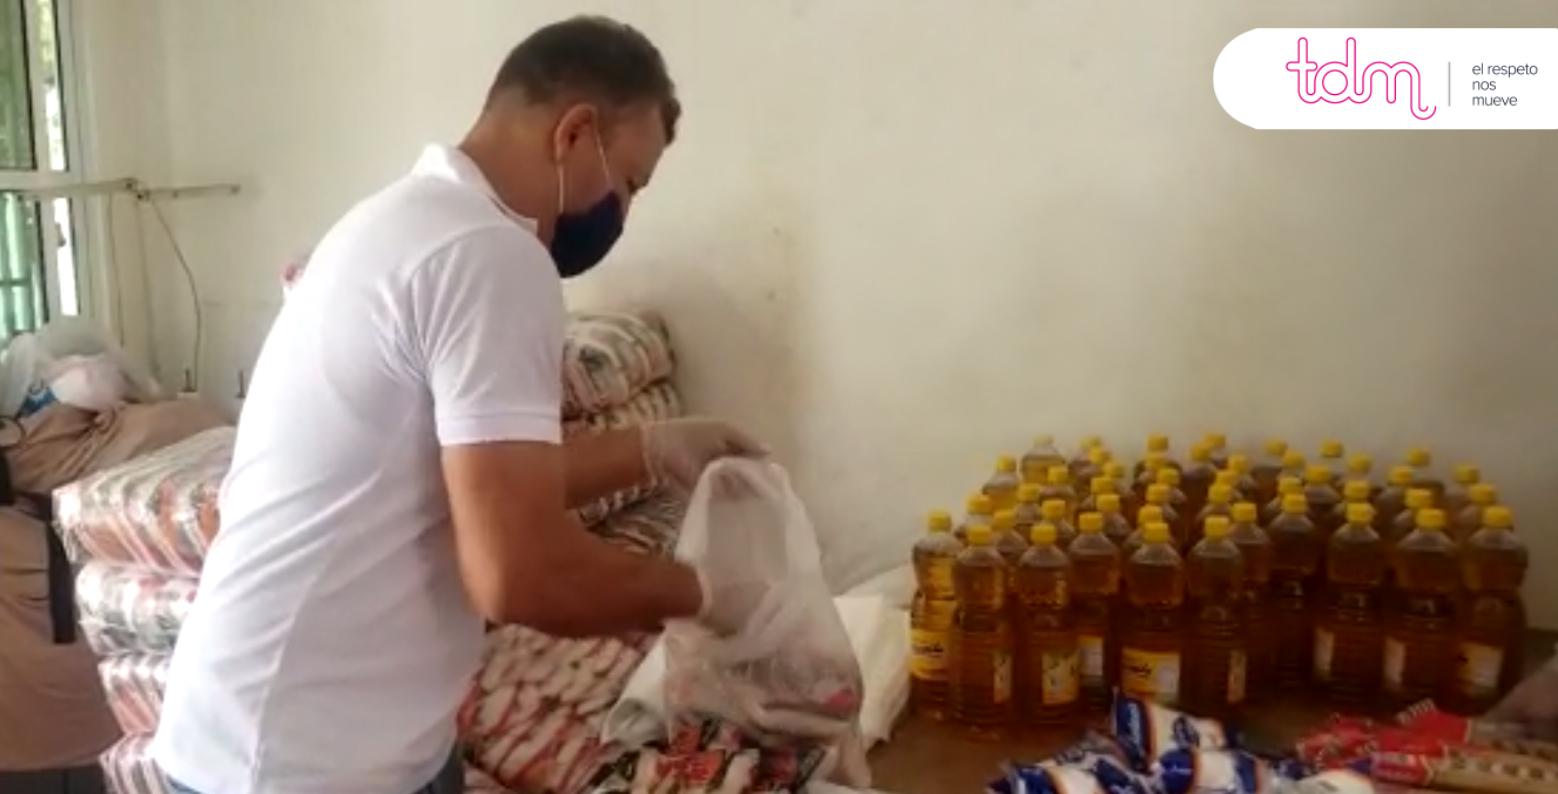 En TDM nos mueve el respeto y el ayudar a nuestras familias Colombianas